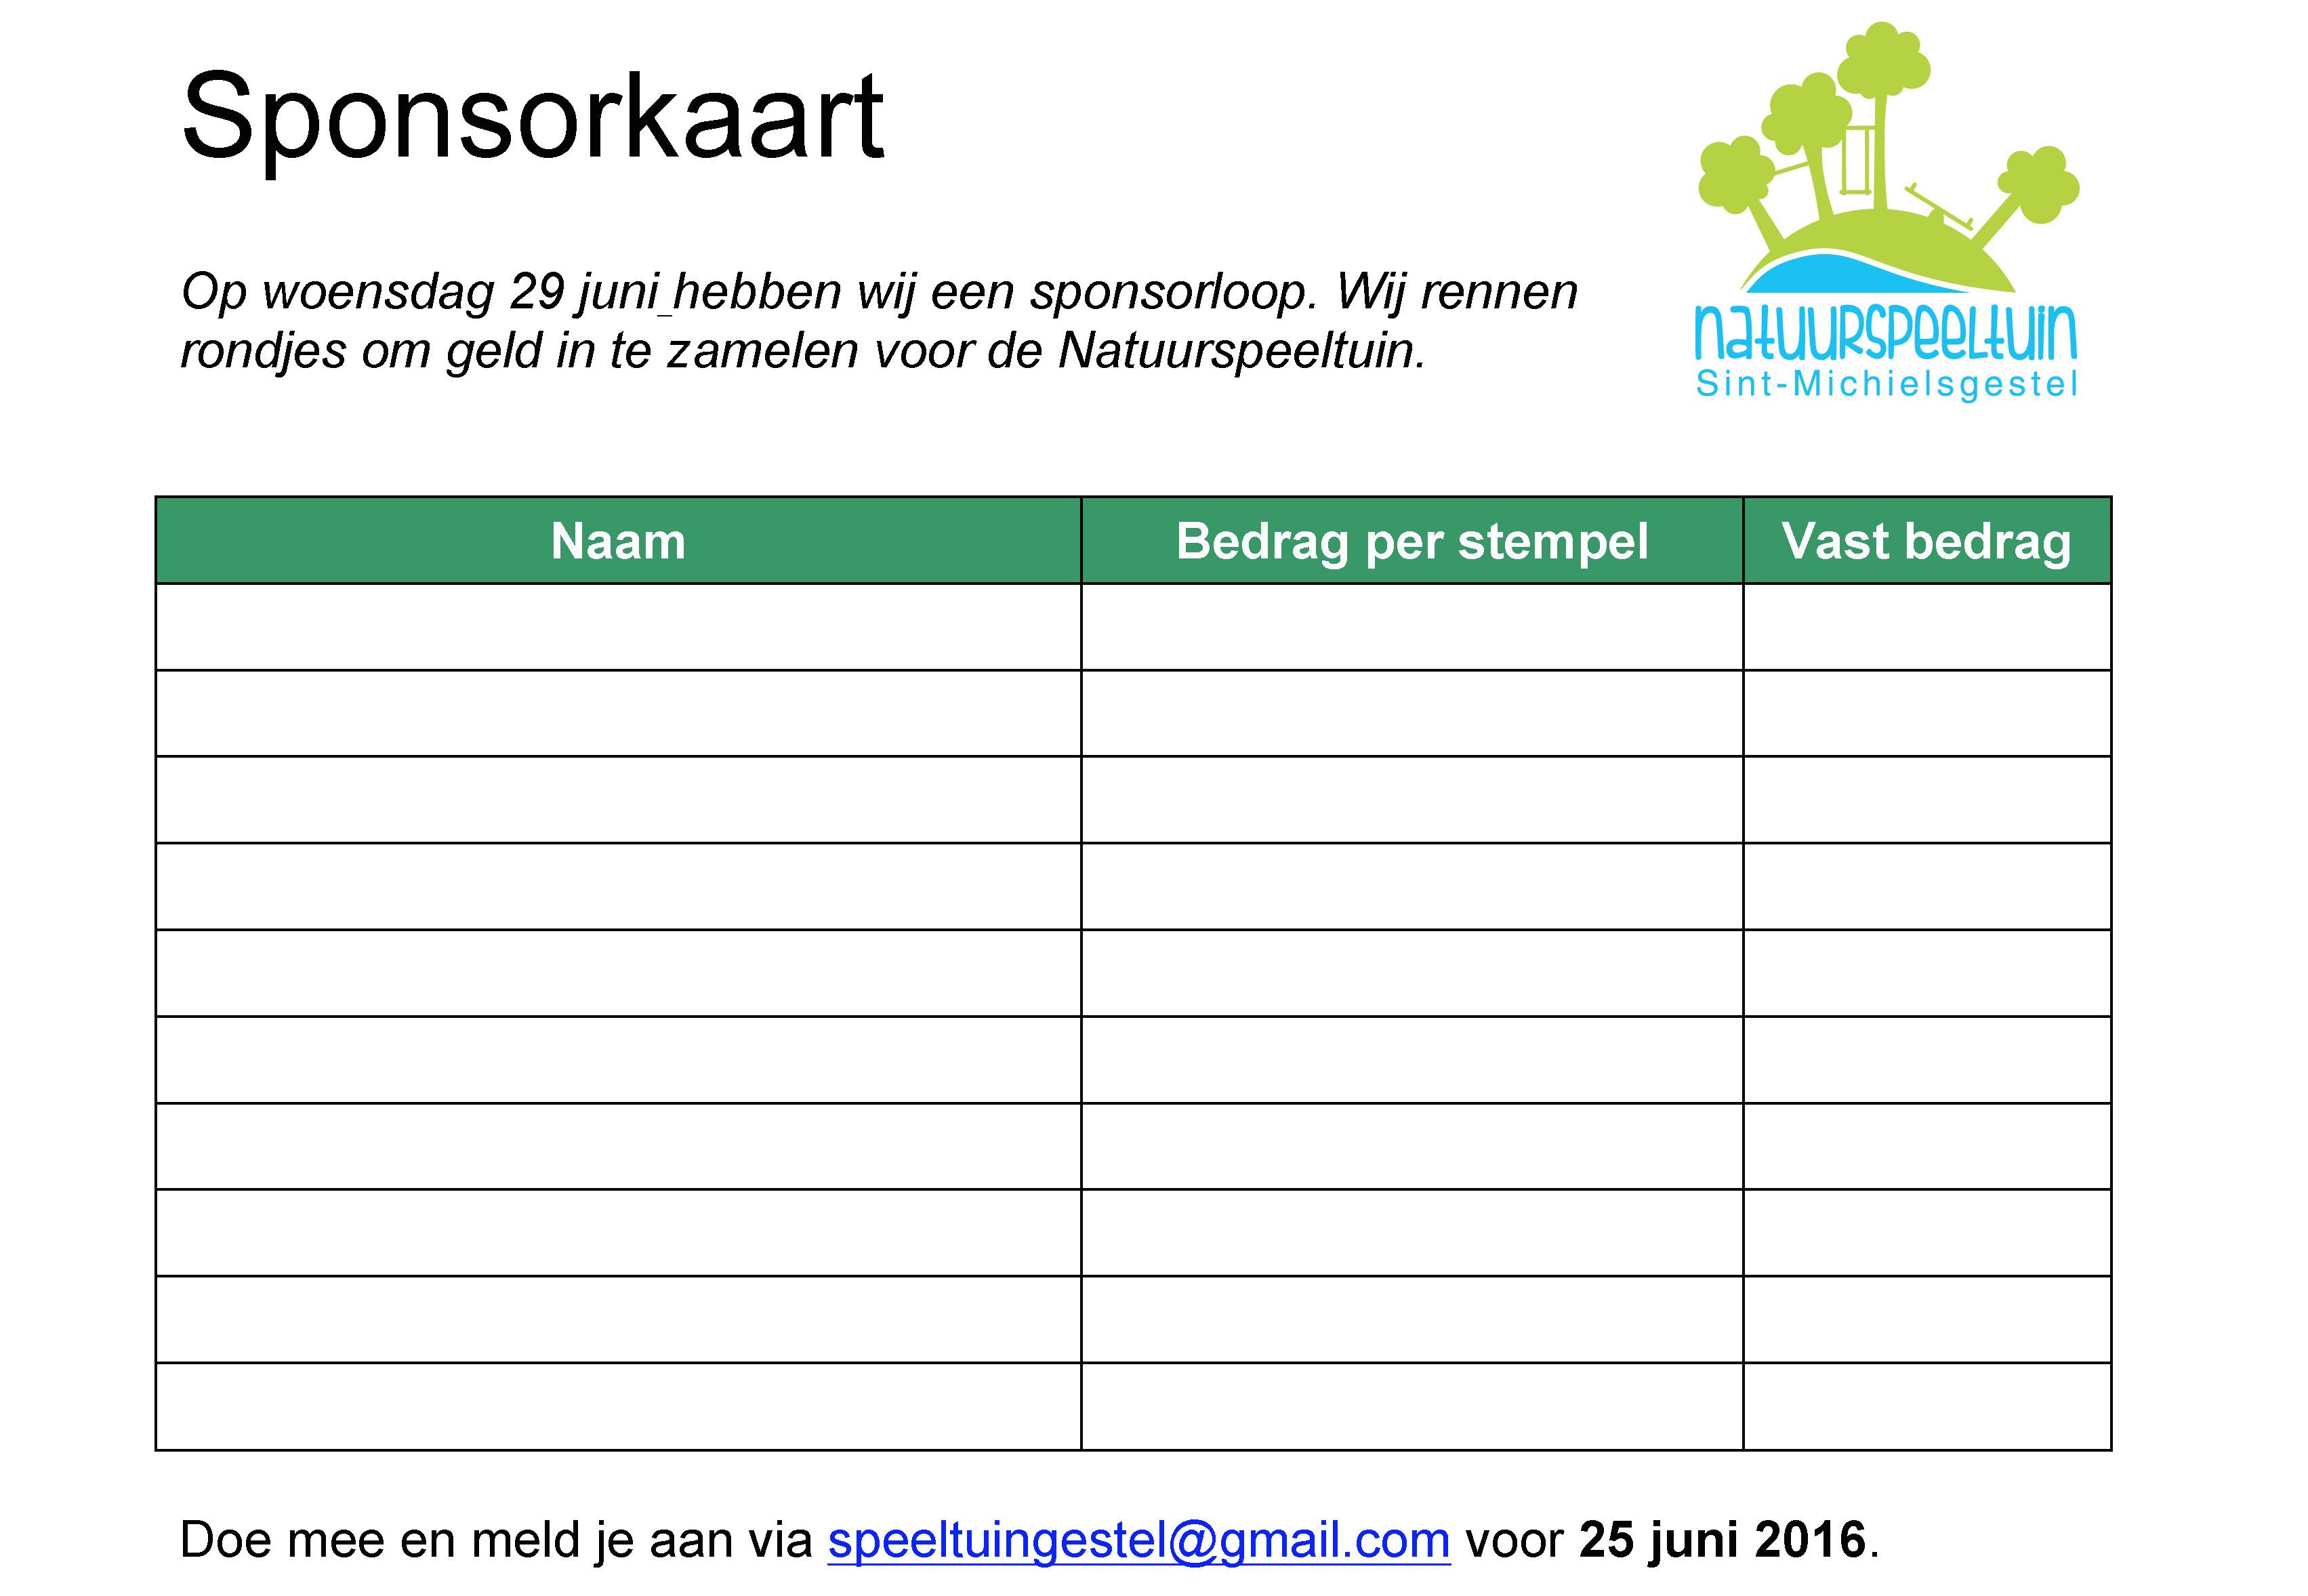 Sponsorkaart_natuurspeeltuin